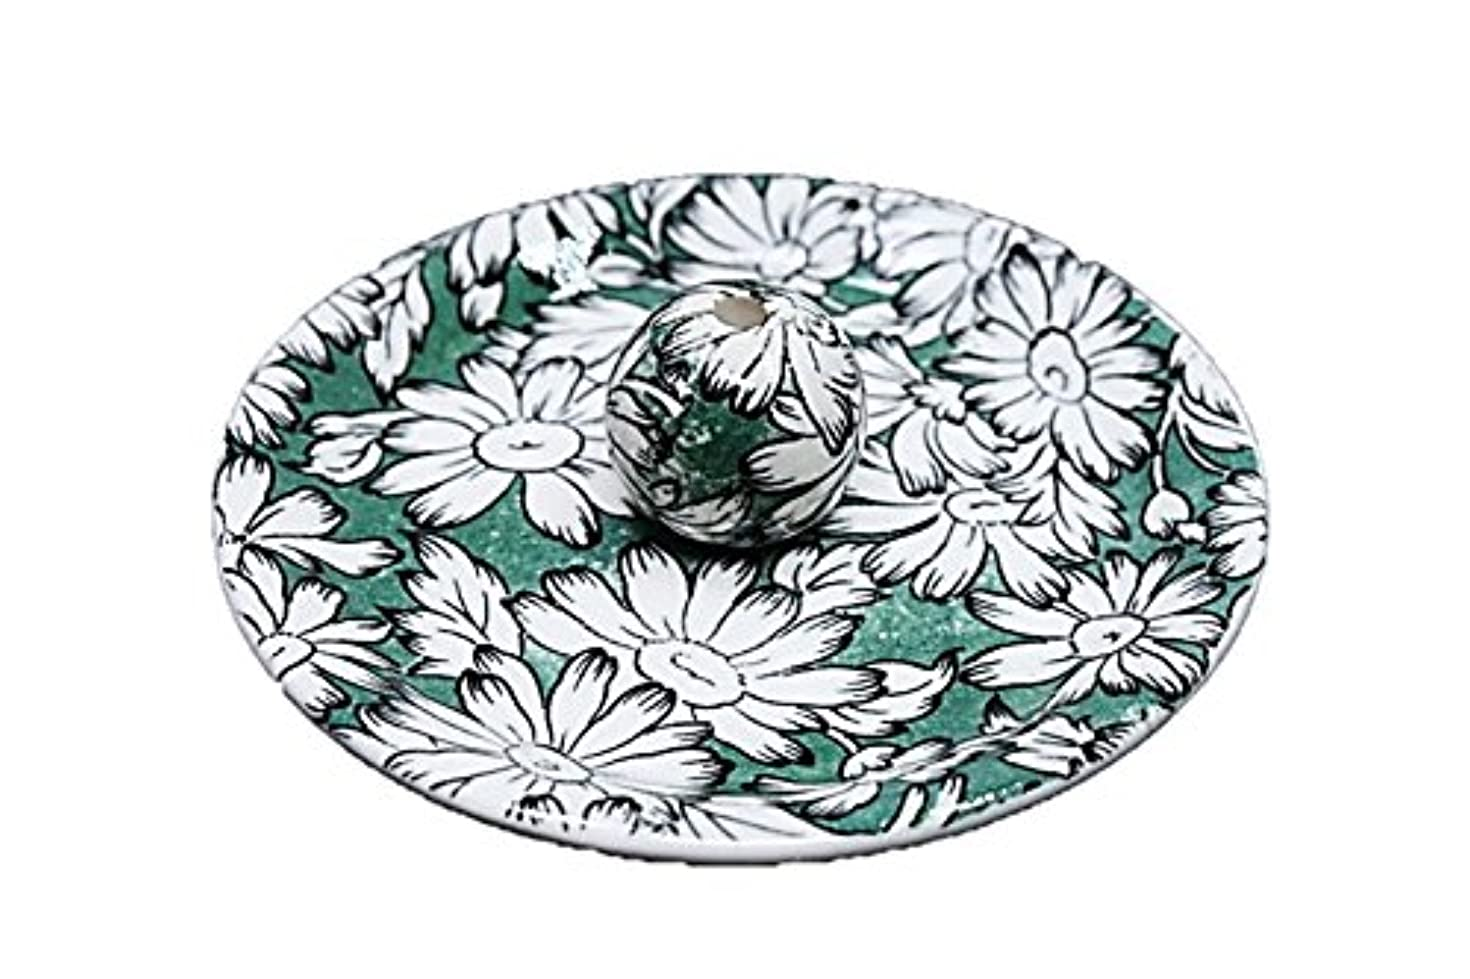 異なる餌緊張9-10 マーガレットグリーン 9cm香皿 お香立て お香たて 陶器 日本製 製造?直売品